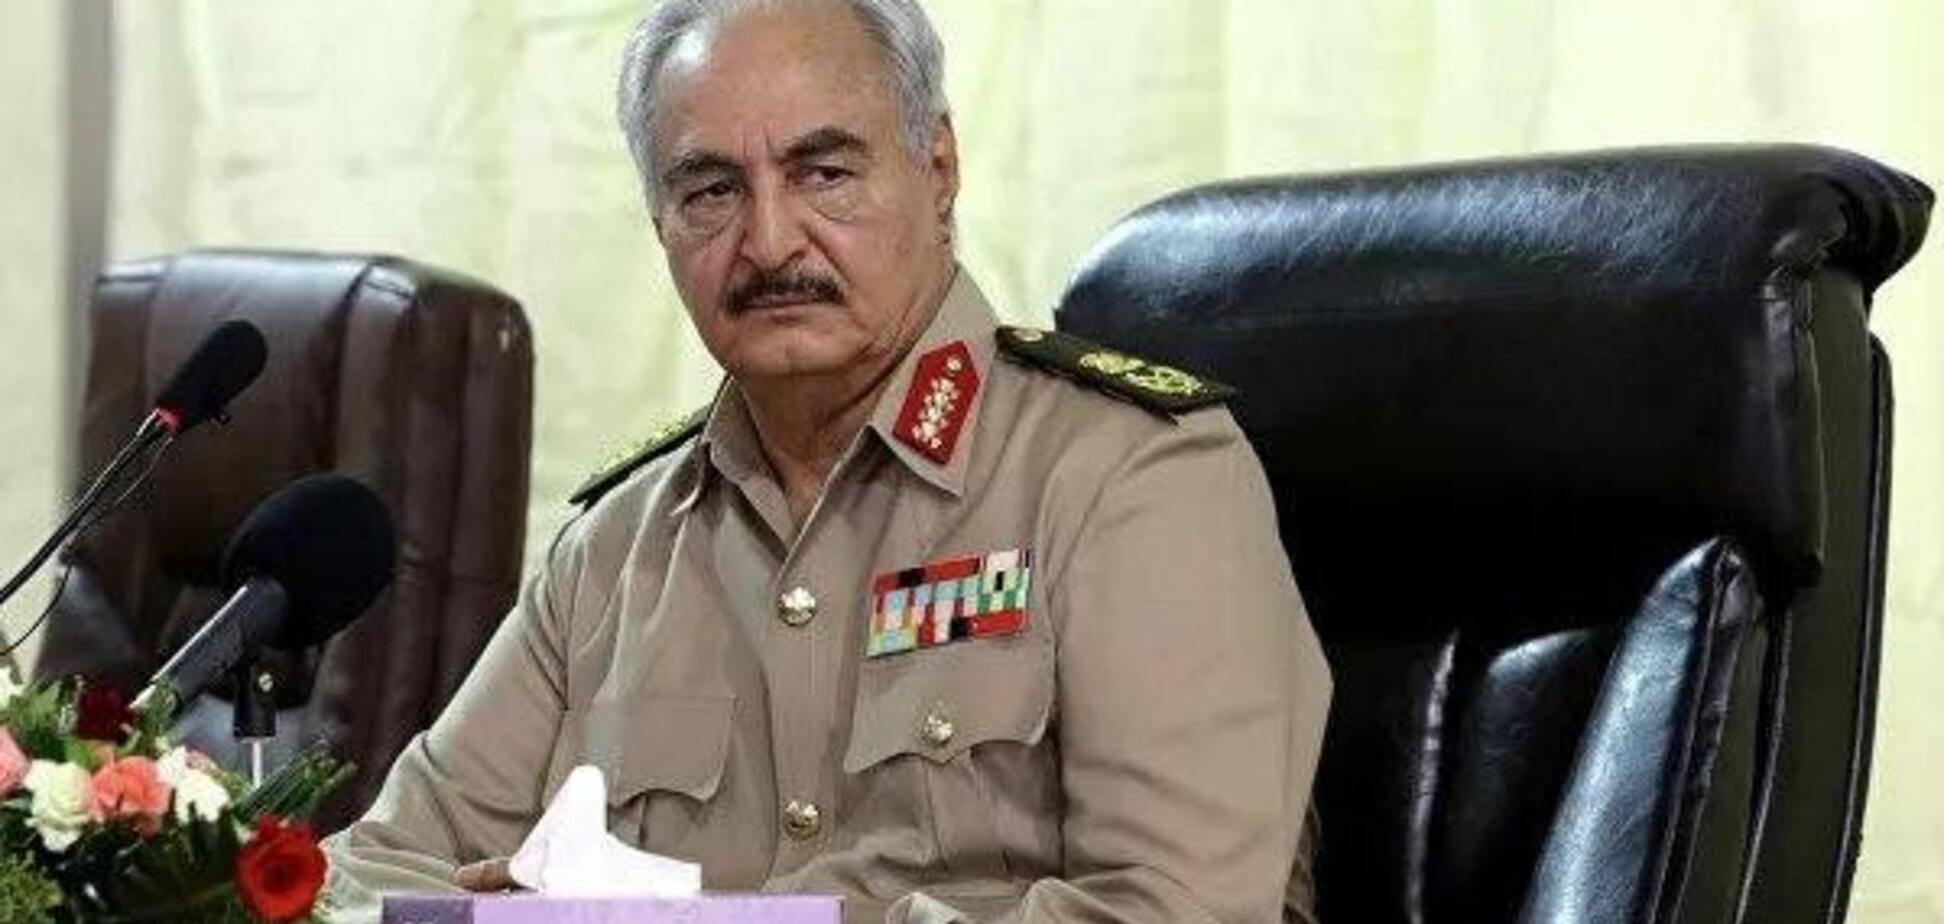 'Зброю і чоловікам, і жінкам!' У Лівії оголосили загальну мобілізацію